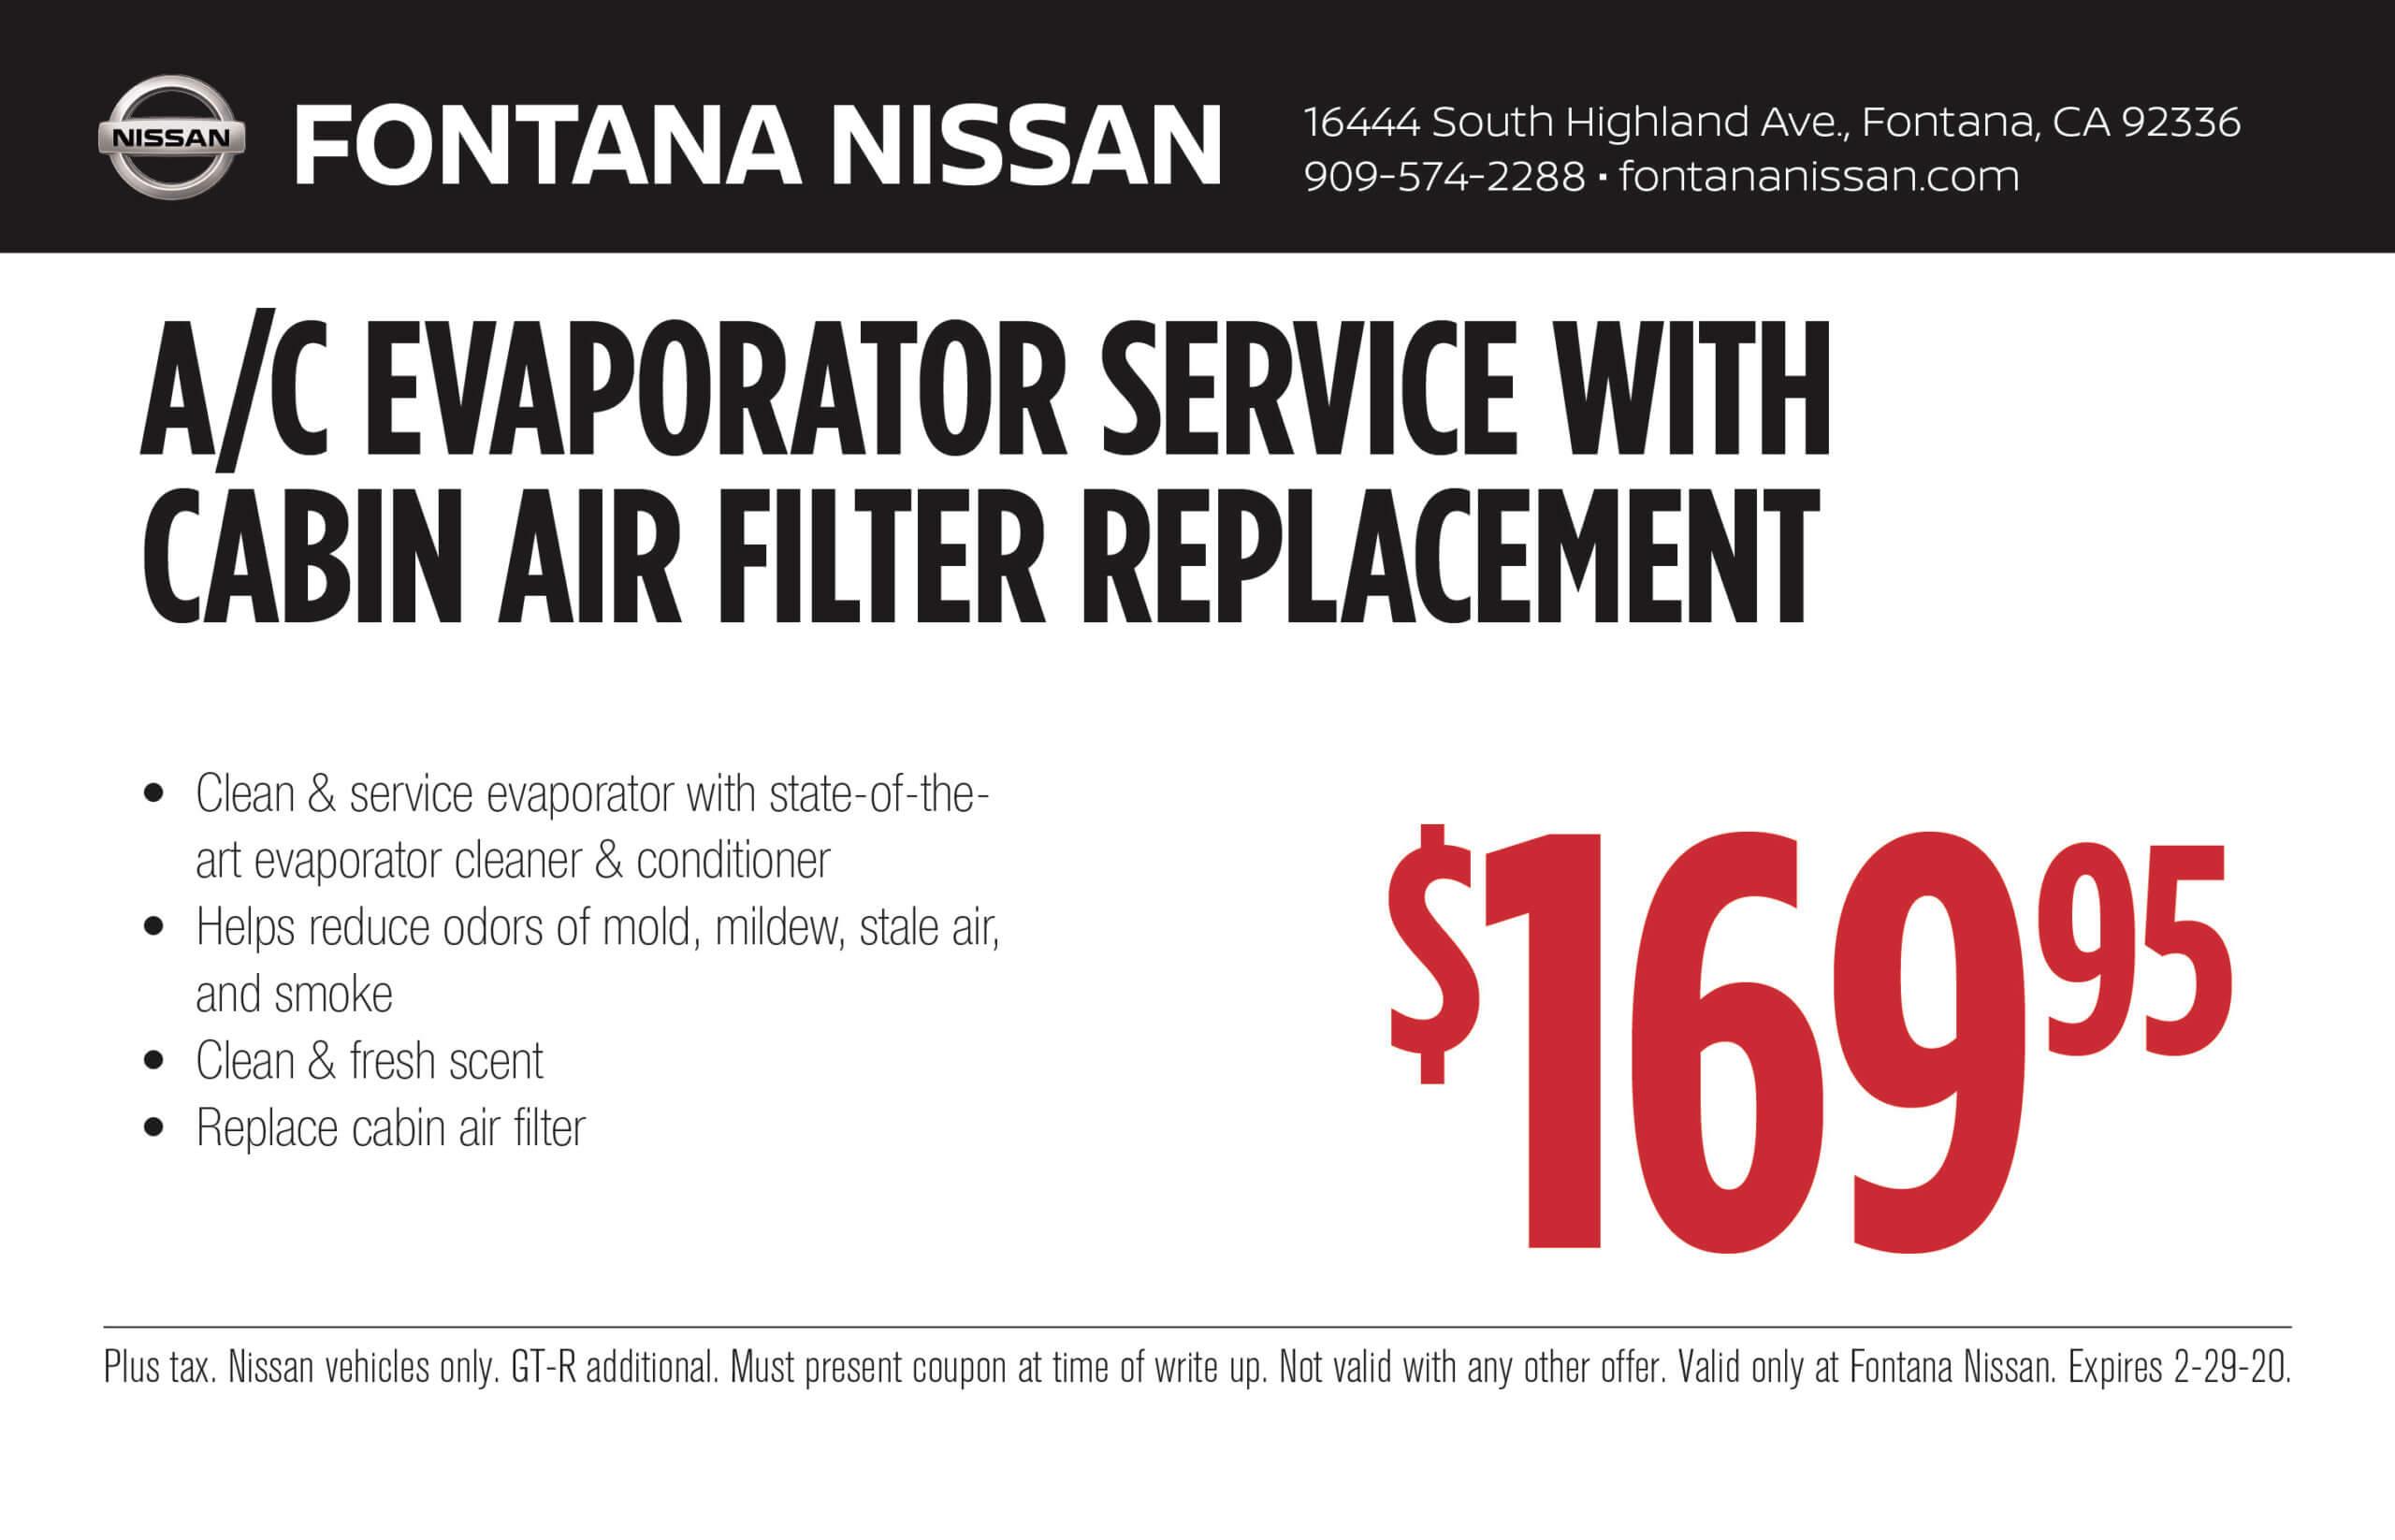 A/C Evaporator Service